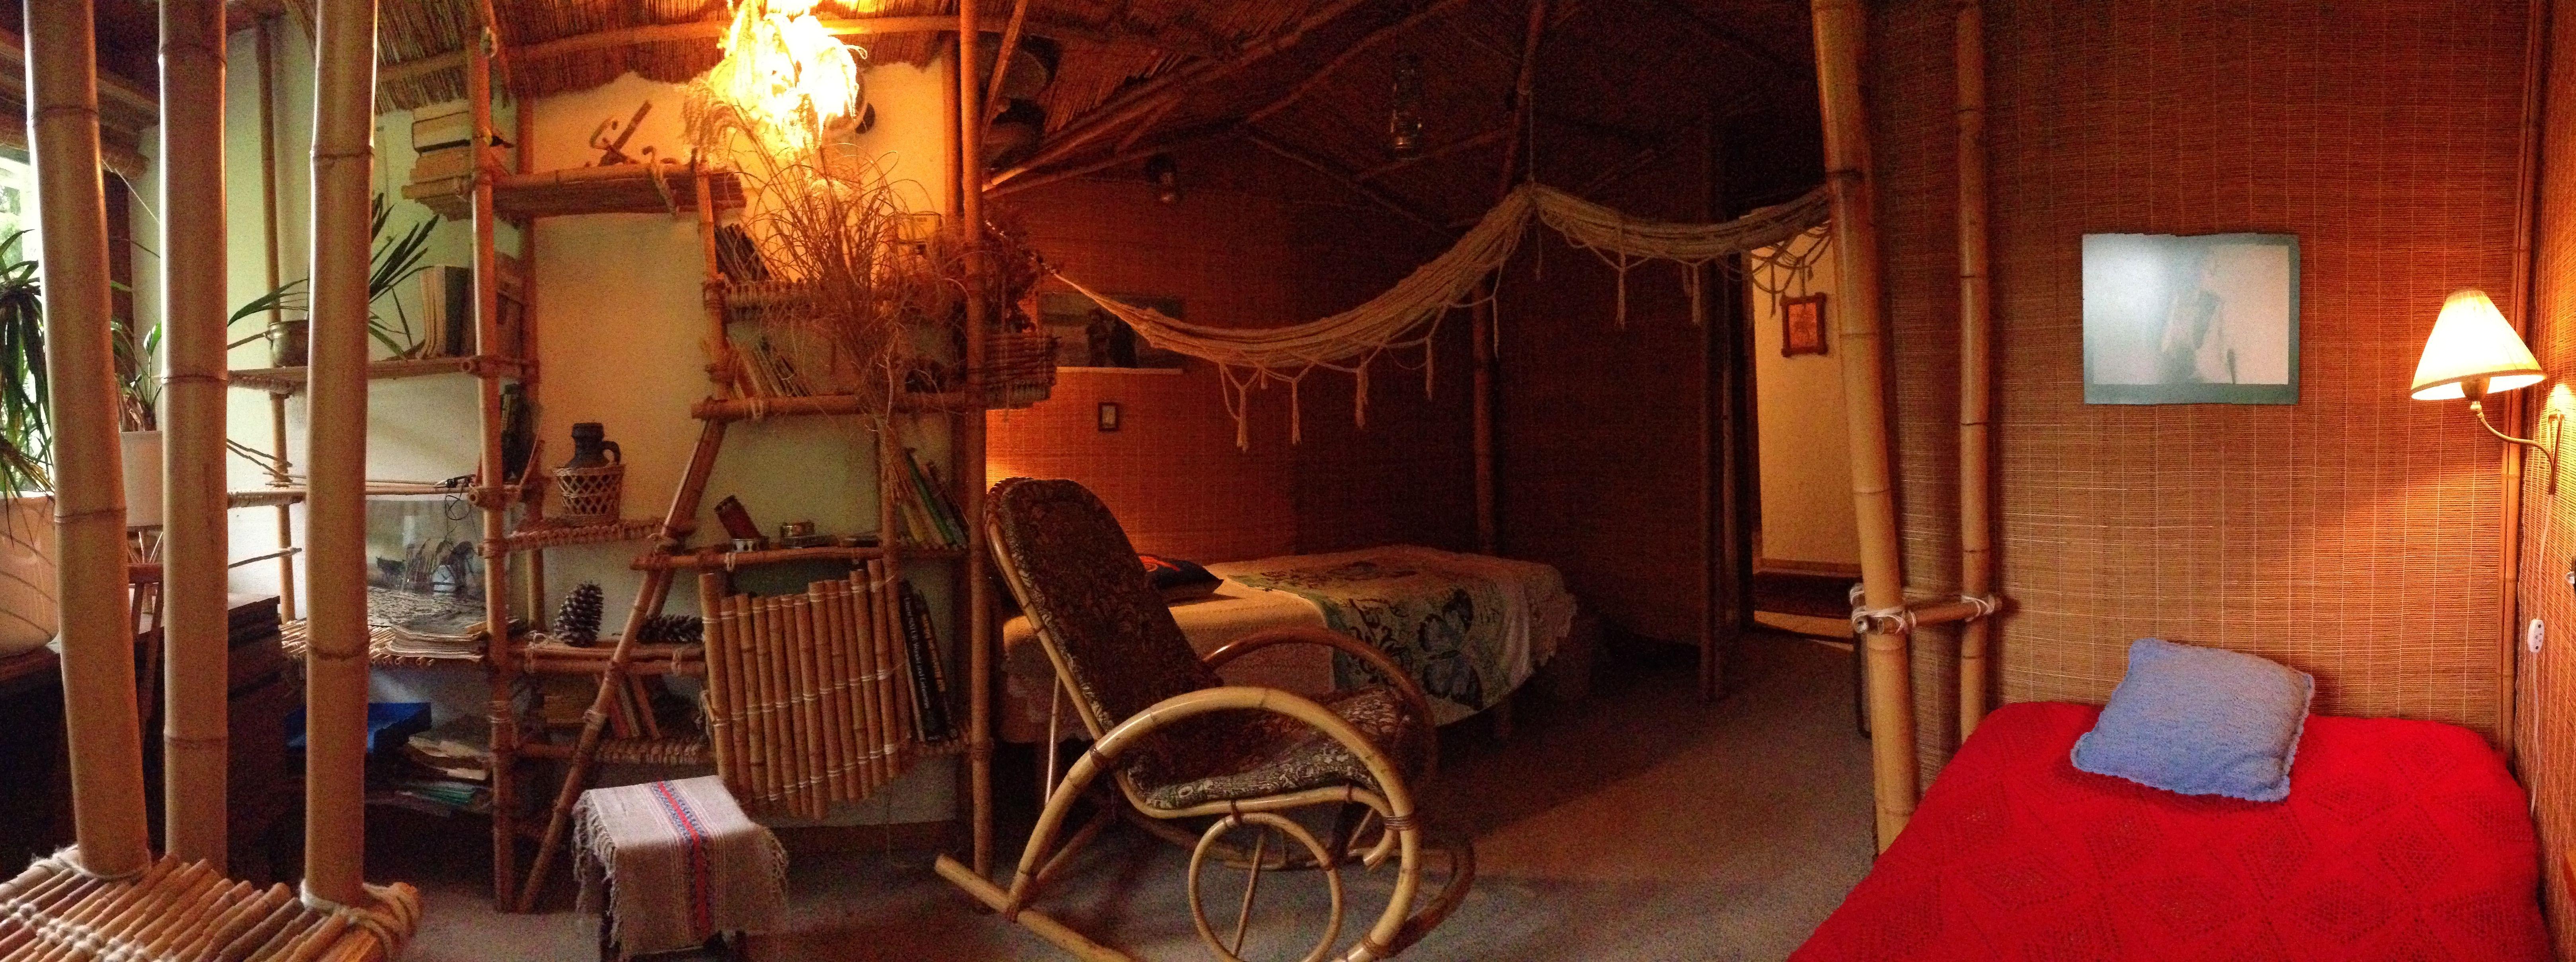 Manuels vintage zimmer blick vom fenster zur türe  mein bambuszimmer  pinterest